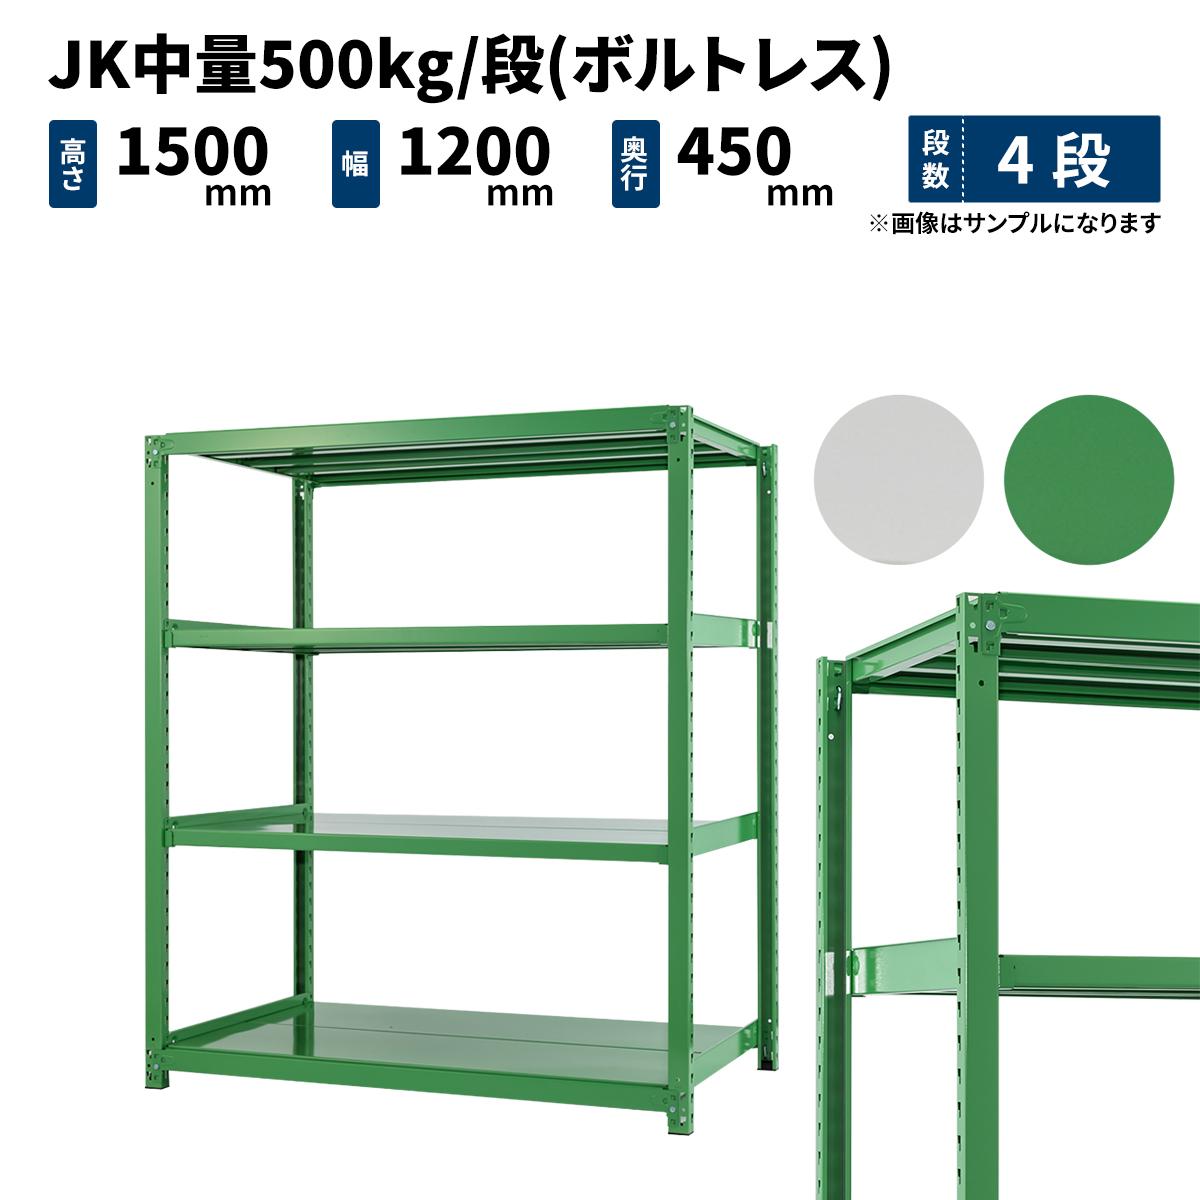 スチールラック 業務用 JK中量500kg/段(ボルトレス) 単体形式 高さ1500×幅1200×奥行450mm 4段 ホワイトグレー/グリーン (60kg) JK500_T-151245-4